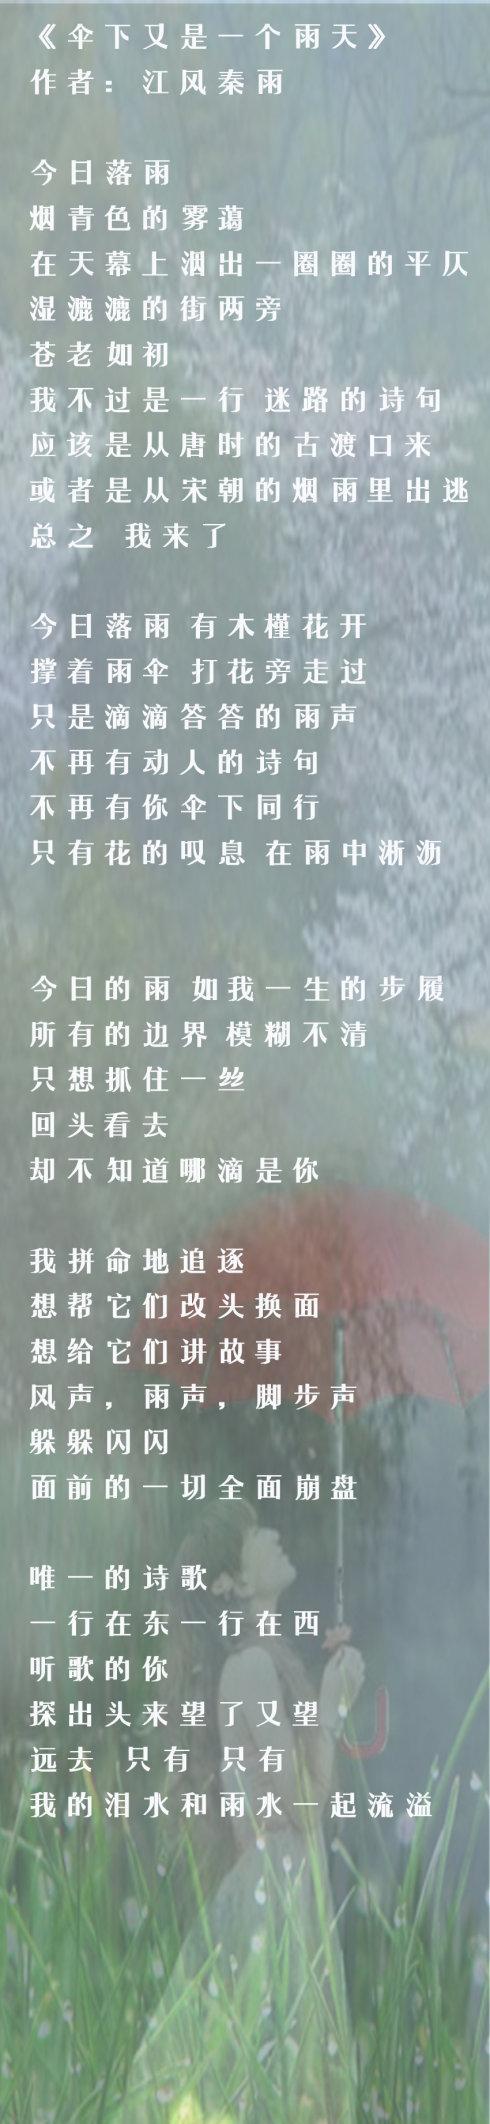 伞下又是一个雨天-赵默(MP3歌词/LRC歌词) lrc歌词下载 第1张